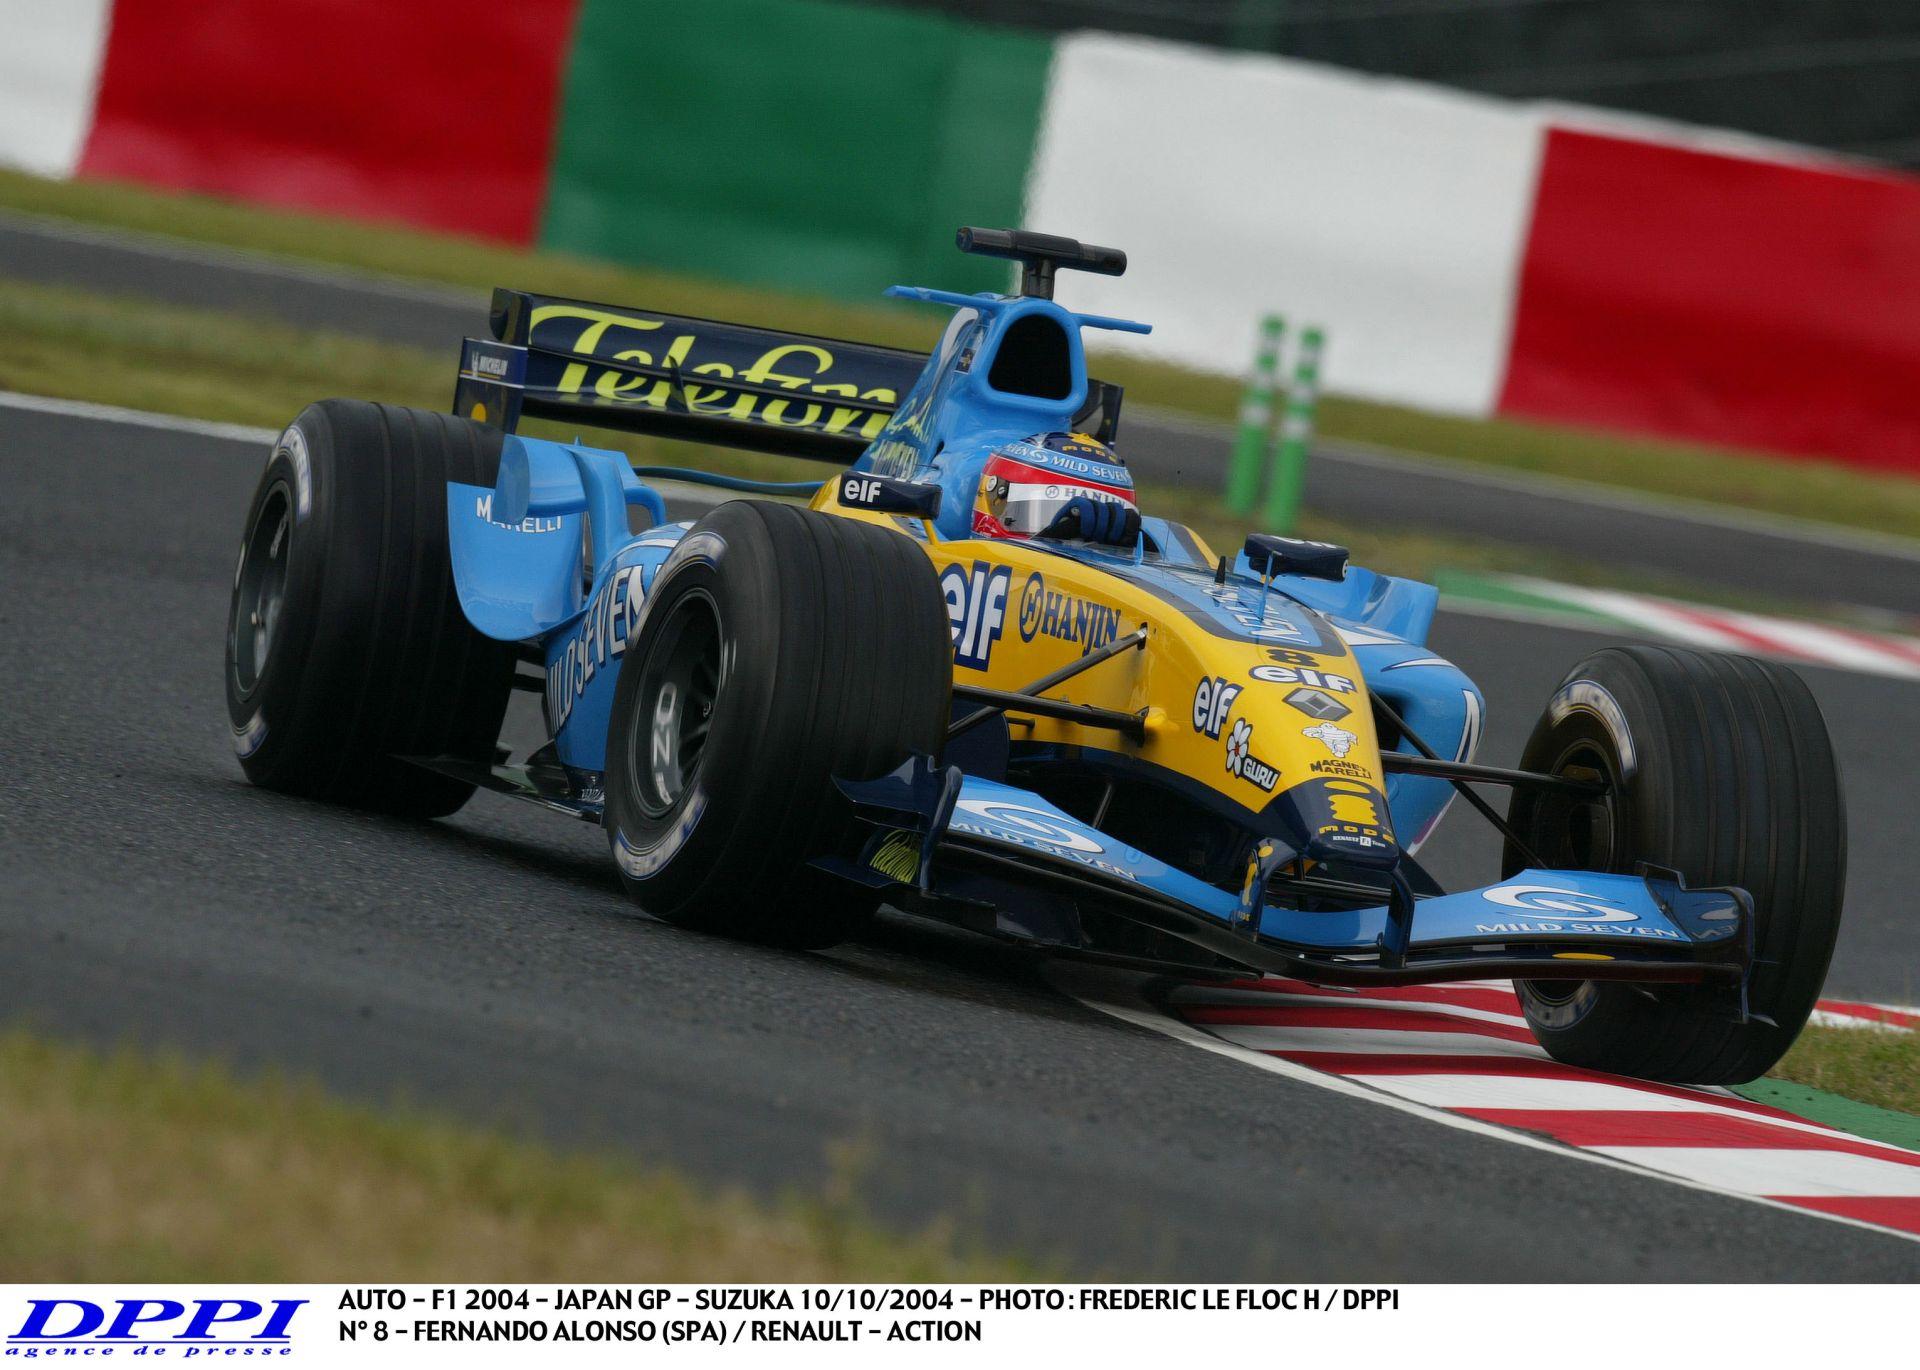 Álomszerűen sikít Alonso alatt a V10-es Renault: Suzuka, 2004